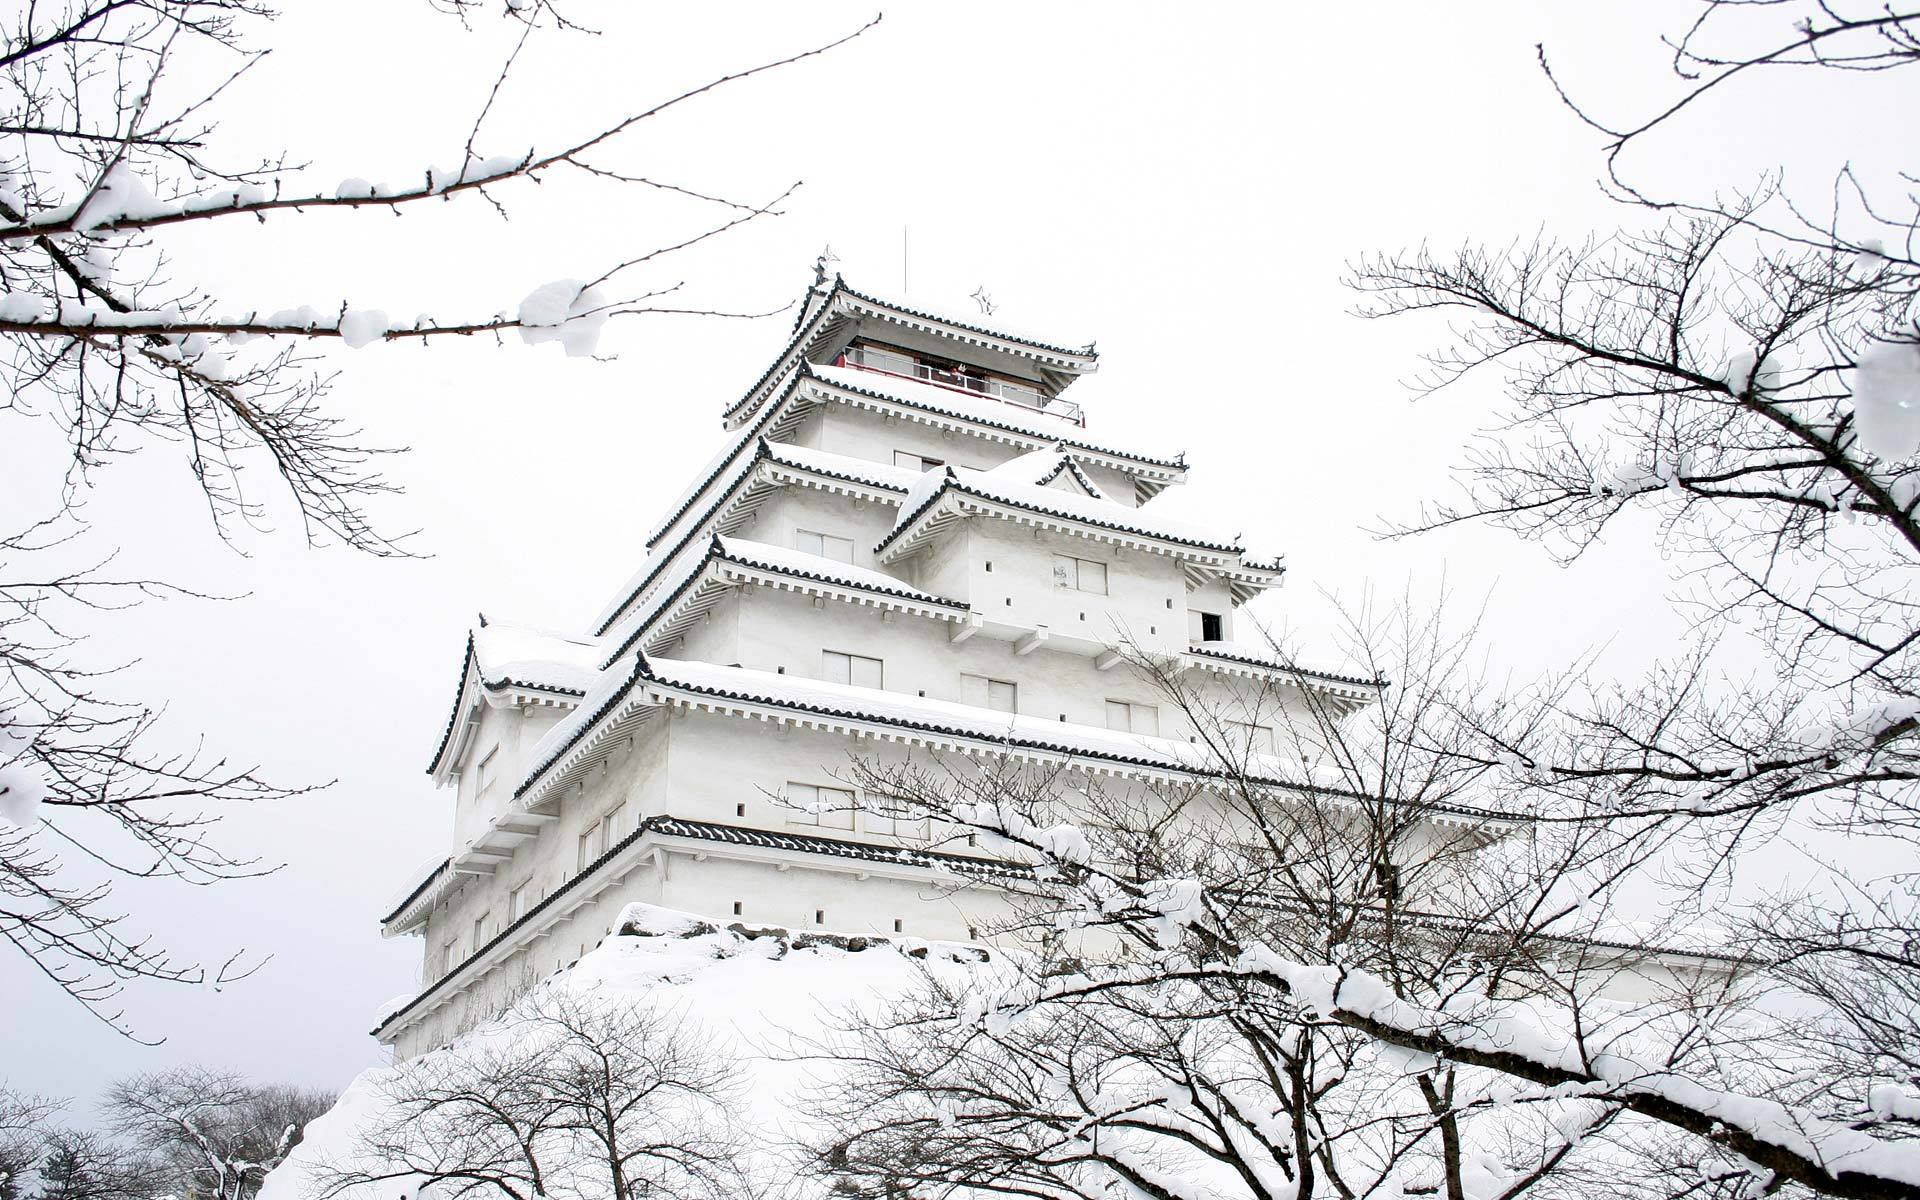 Tour Du Lịch Nhật Bản Tết Nguyên Đán 2018: Tokyo - Hakone - Kyoto - Osaka